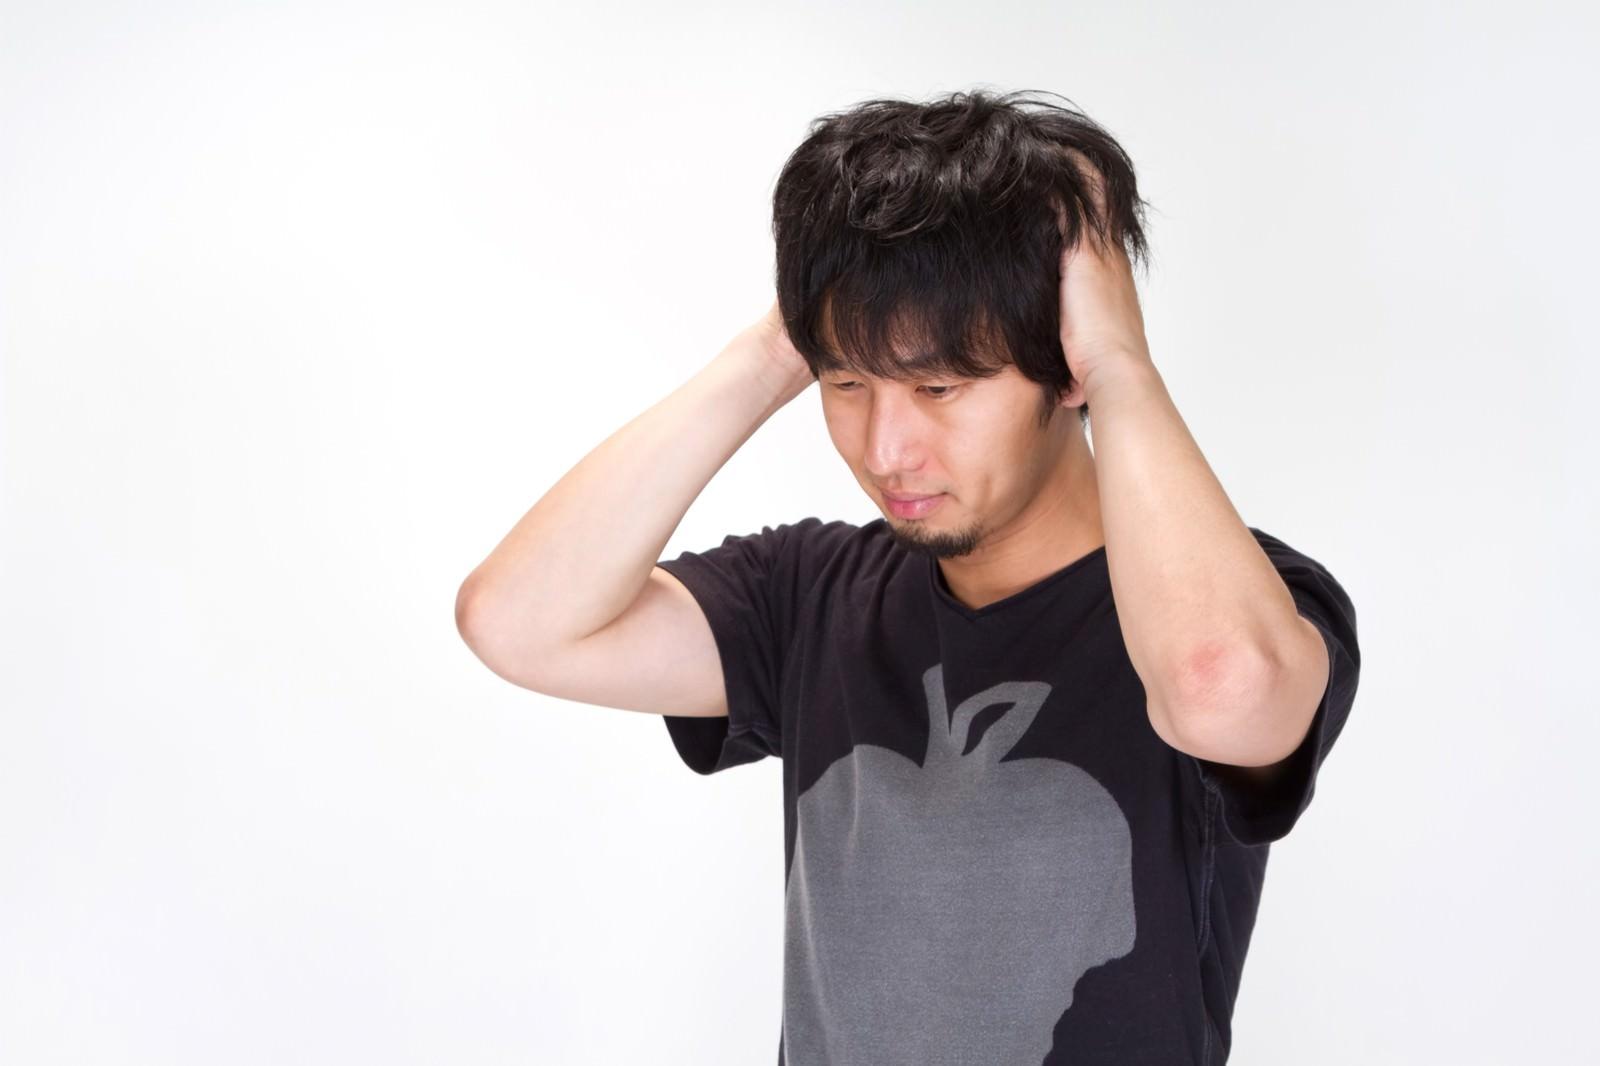 「悩み、頭をかきむしる男性 | 写真の無料素材・フリー素材 - ぱくたそ」の写真[モデル:大川竜弥]